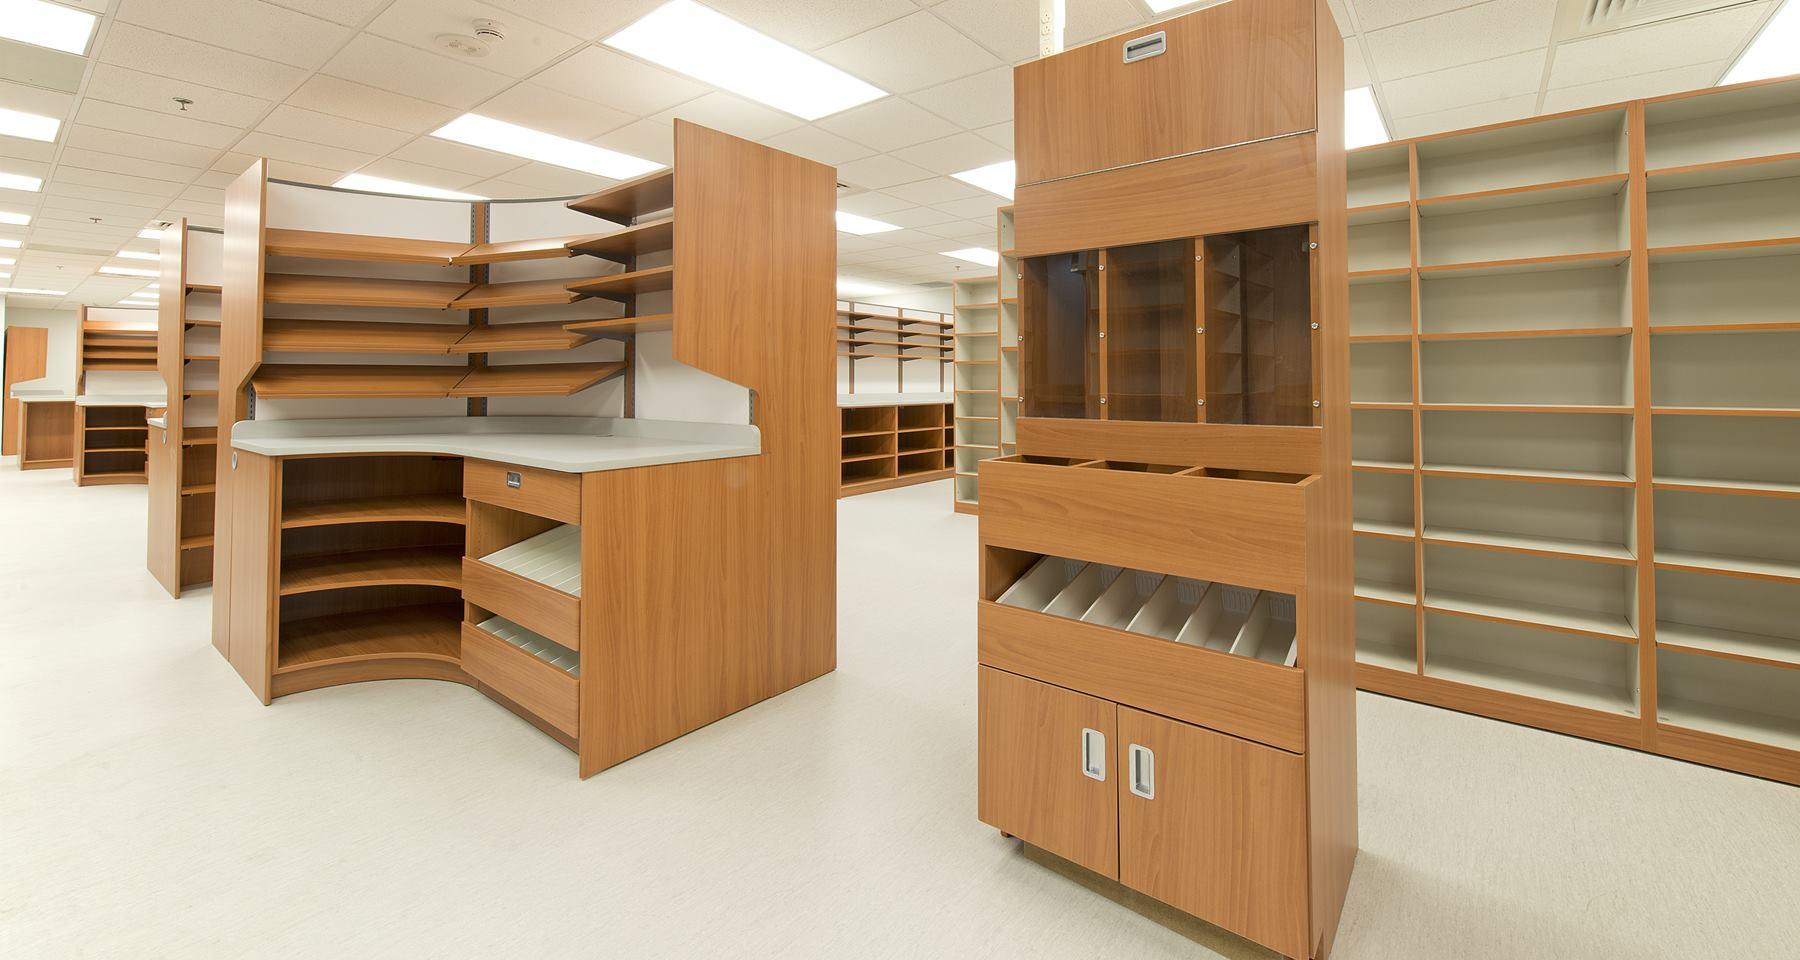 Pharmacy casework at Fort Rucker